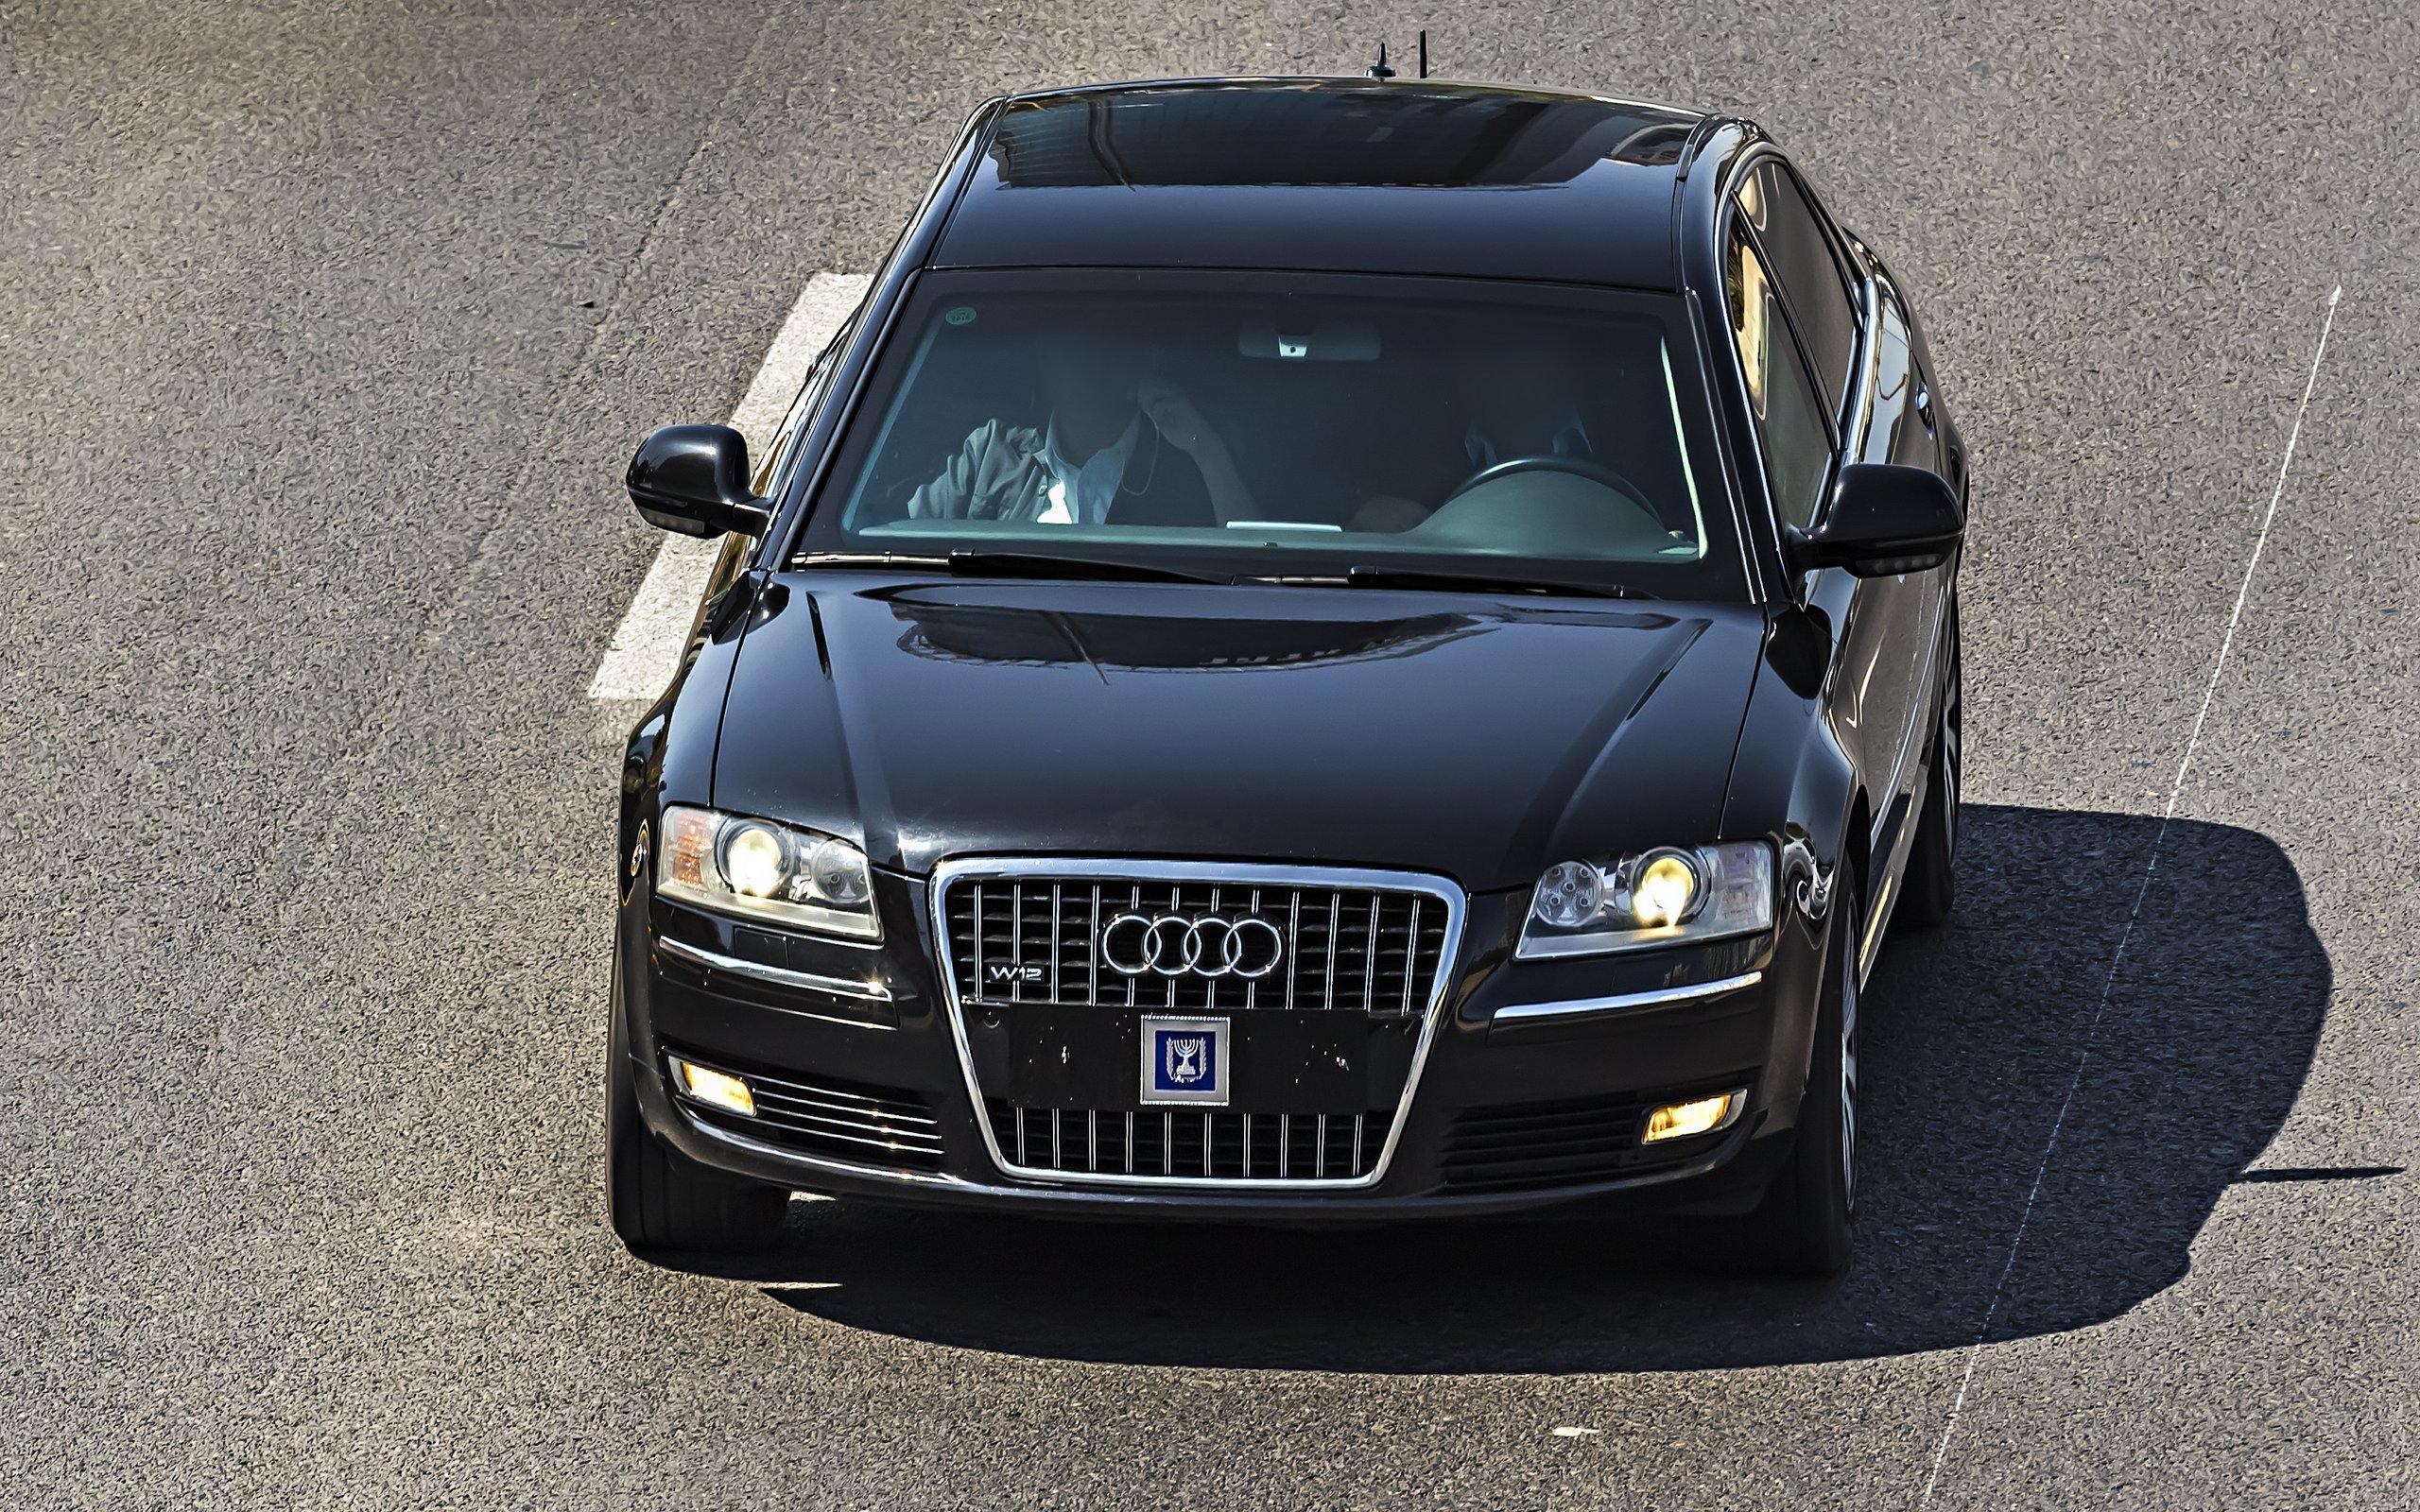 Audi A8 2560x1600 Pozad 237 Tapeta Na Plochu Pc Ke Stažen 237